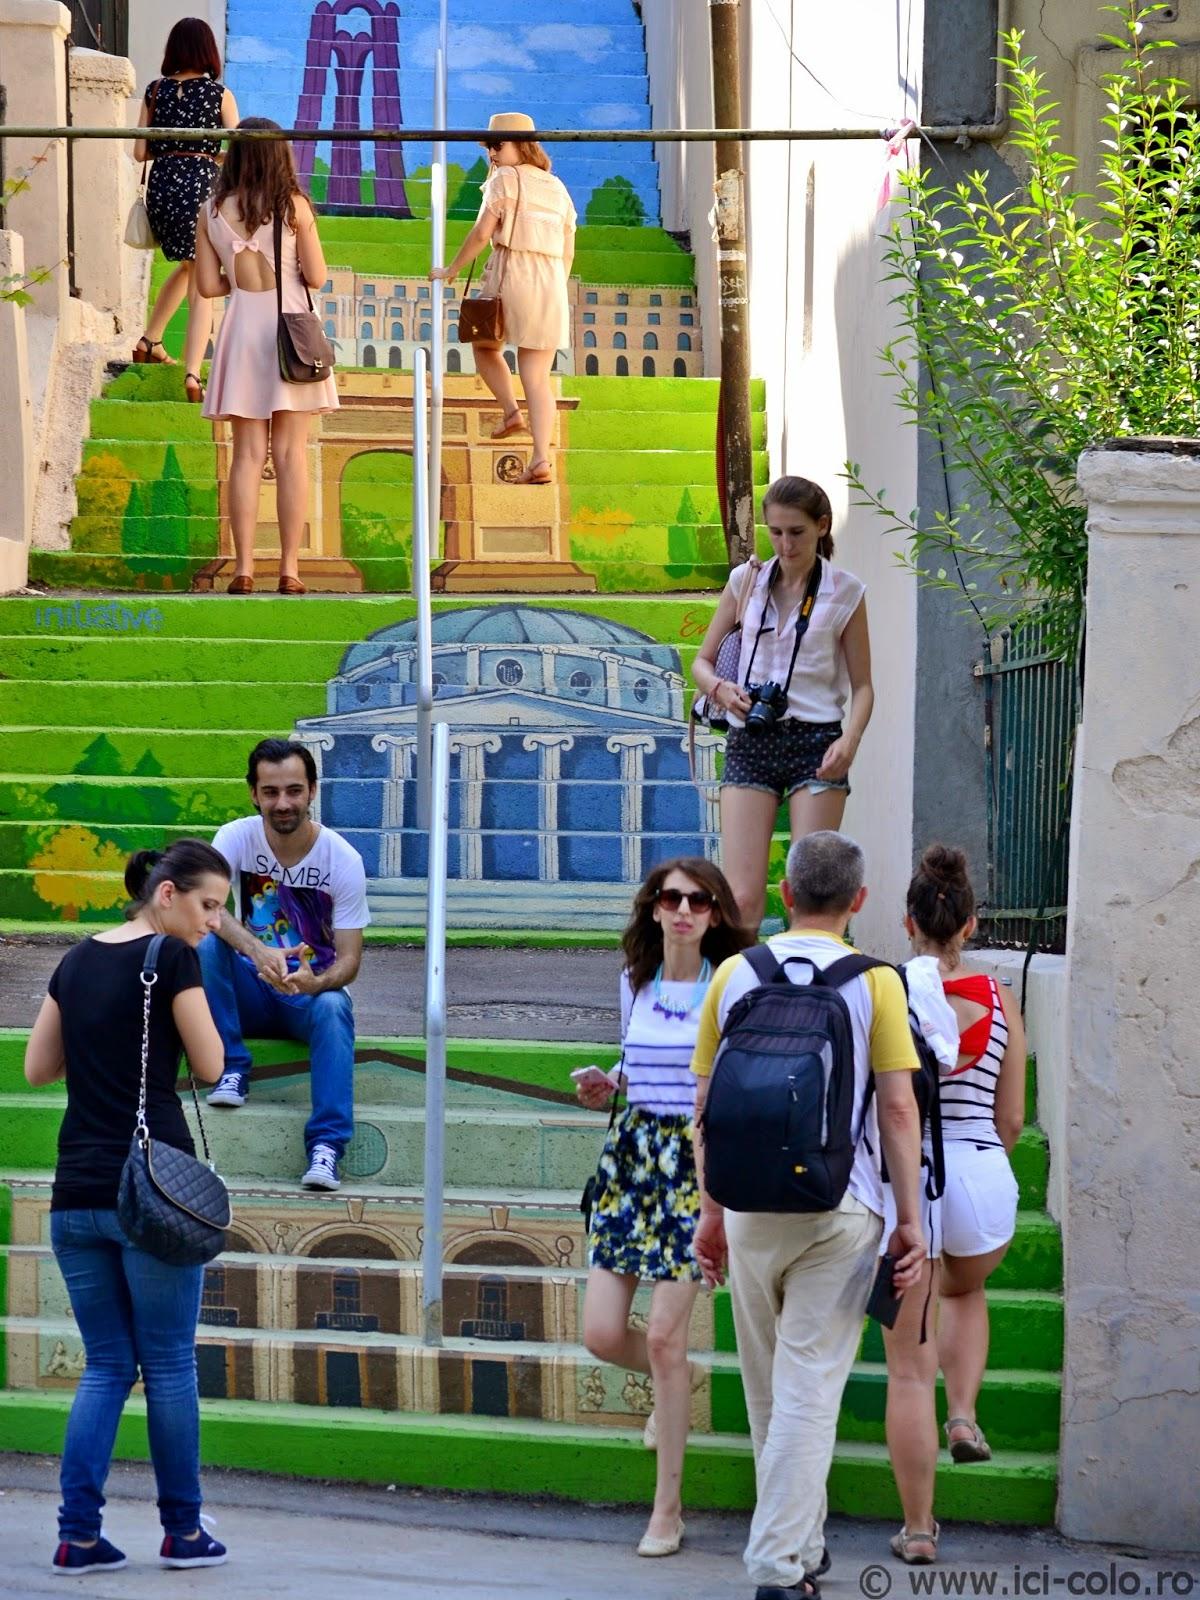 Strada Xenofon renăscută: cea mai colorată stradă din București, sau nostagia decorurilor de mucava - ici-colo.ro